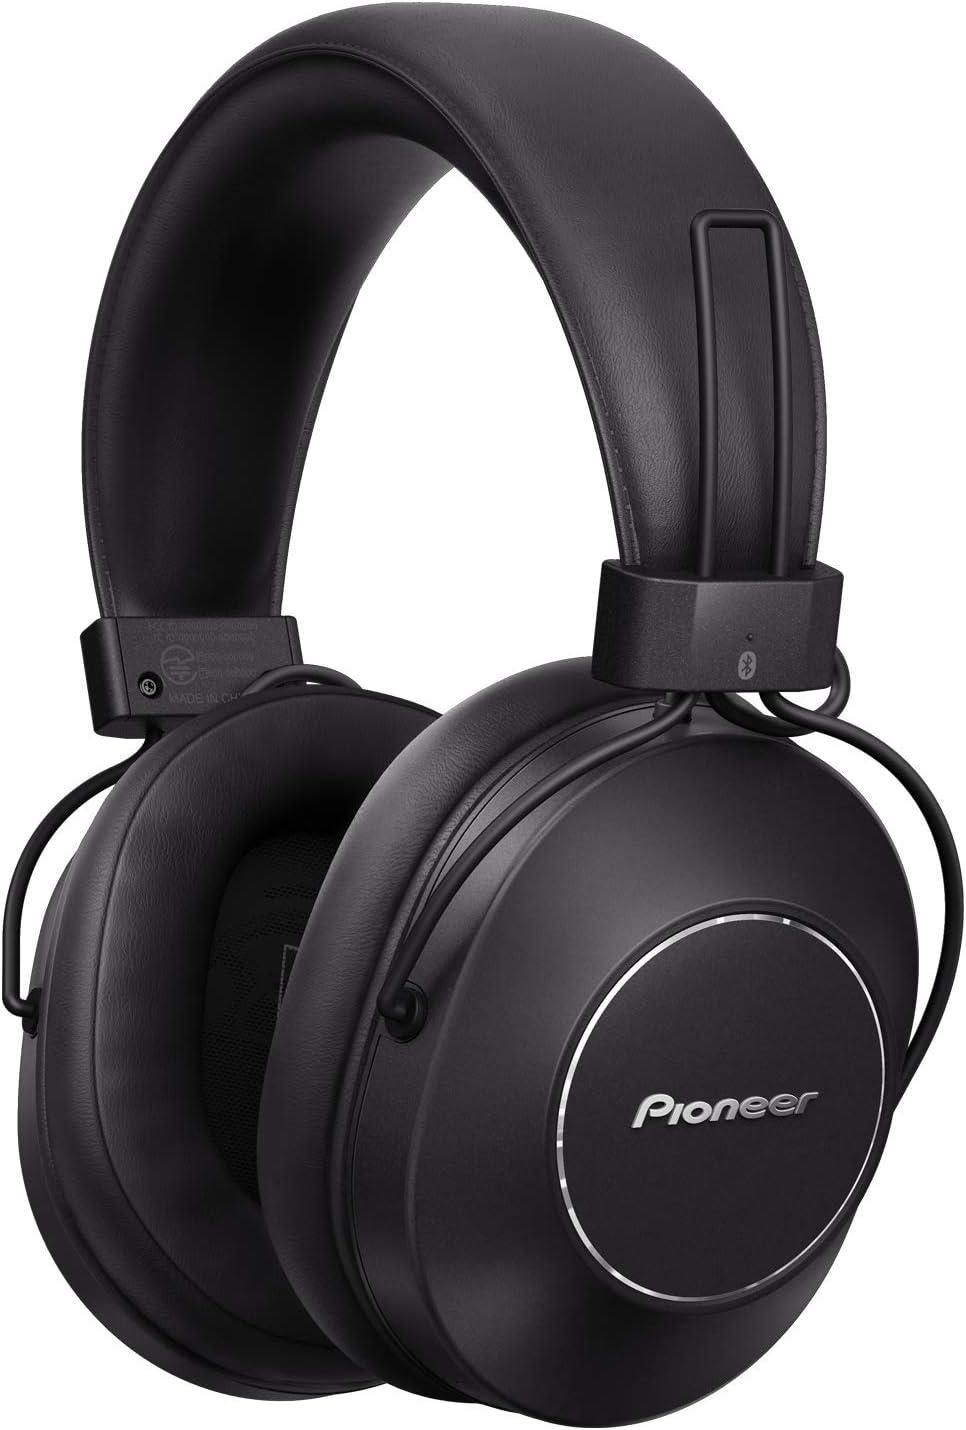 Pioneer S9 Auriculares over-ear Bluetooth (asistente de voz, NFC, cancelación de ruido, 24h de batería) color negro